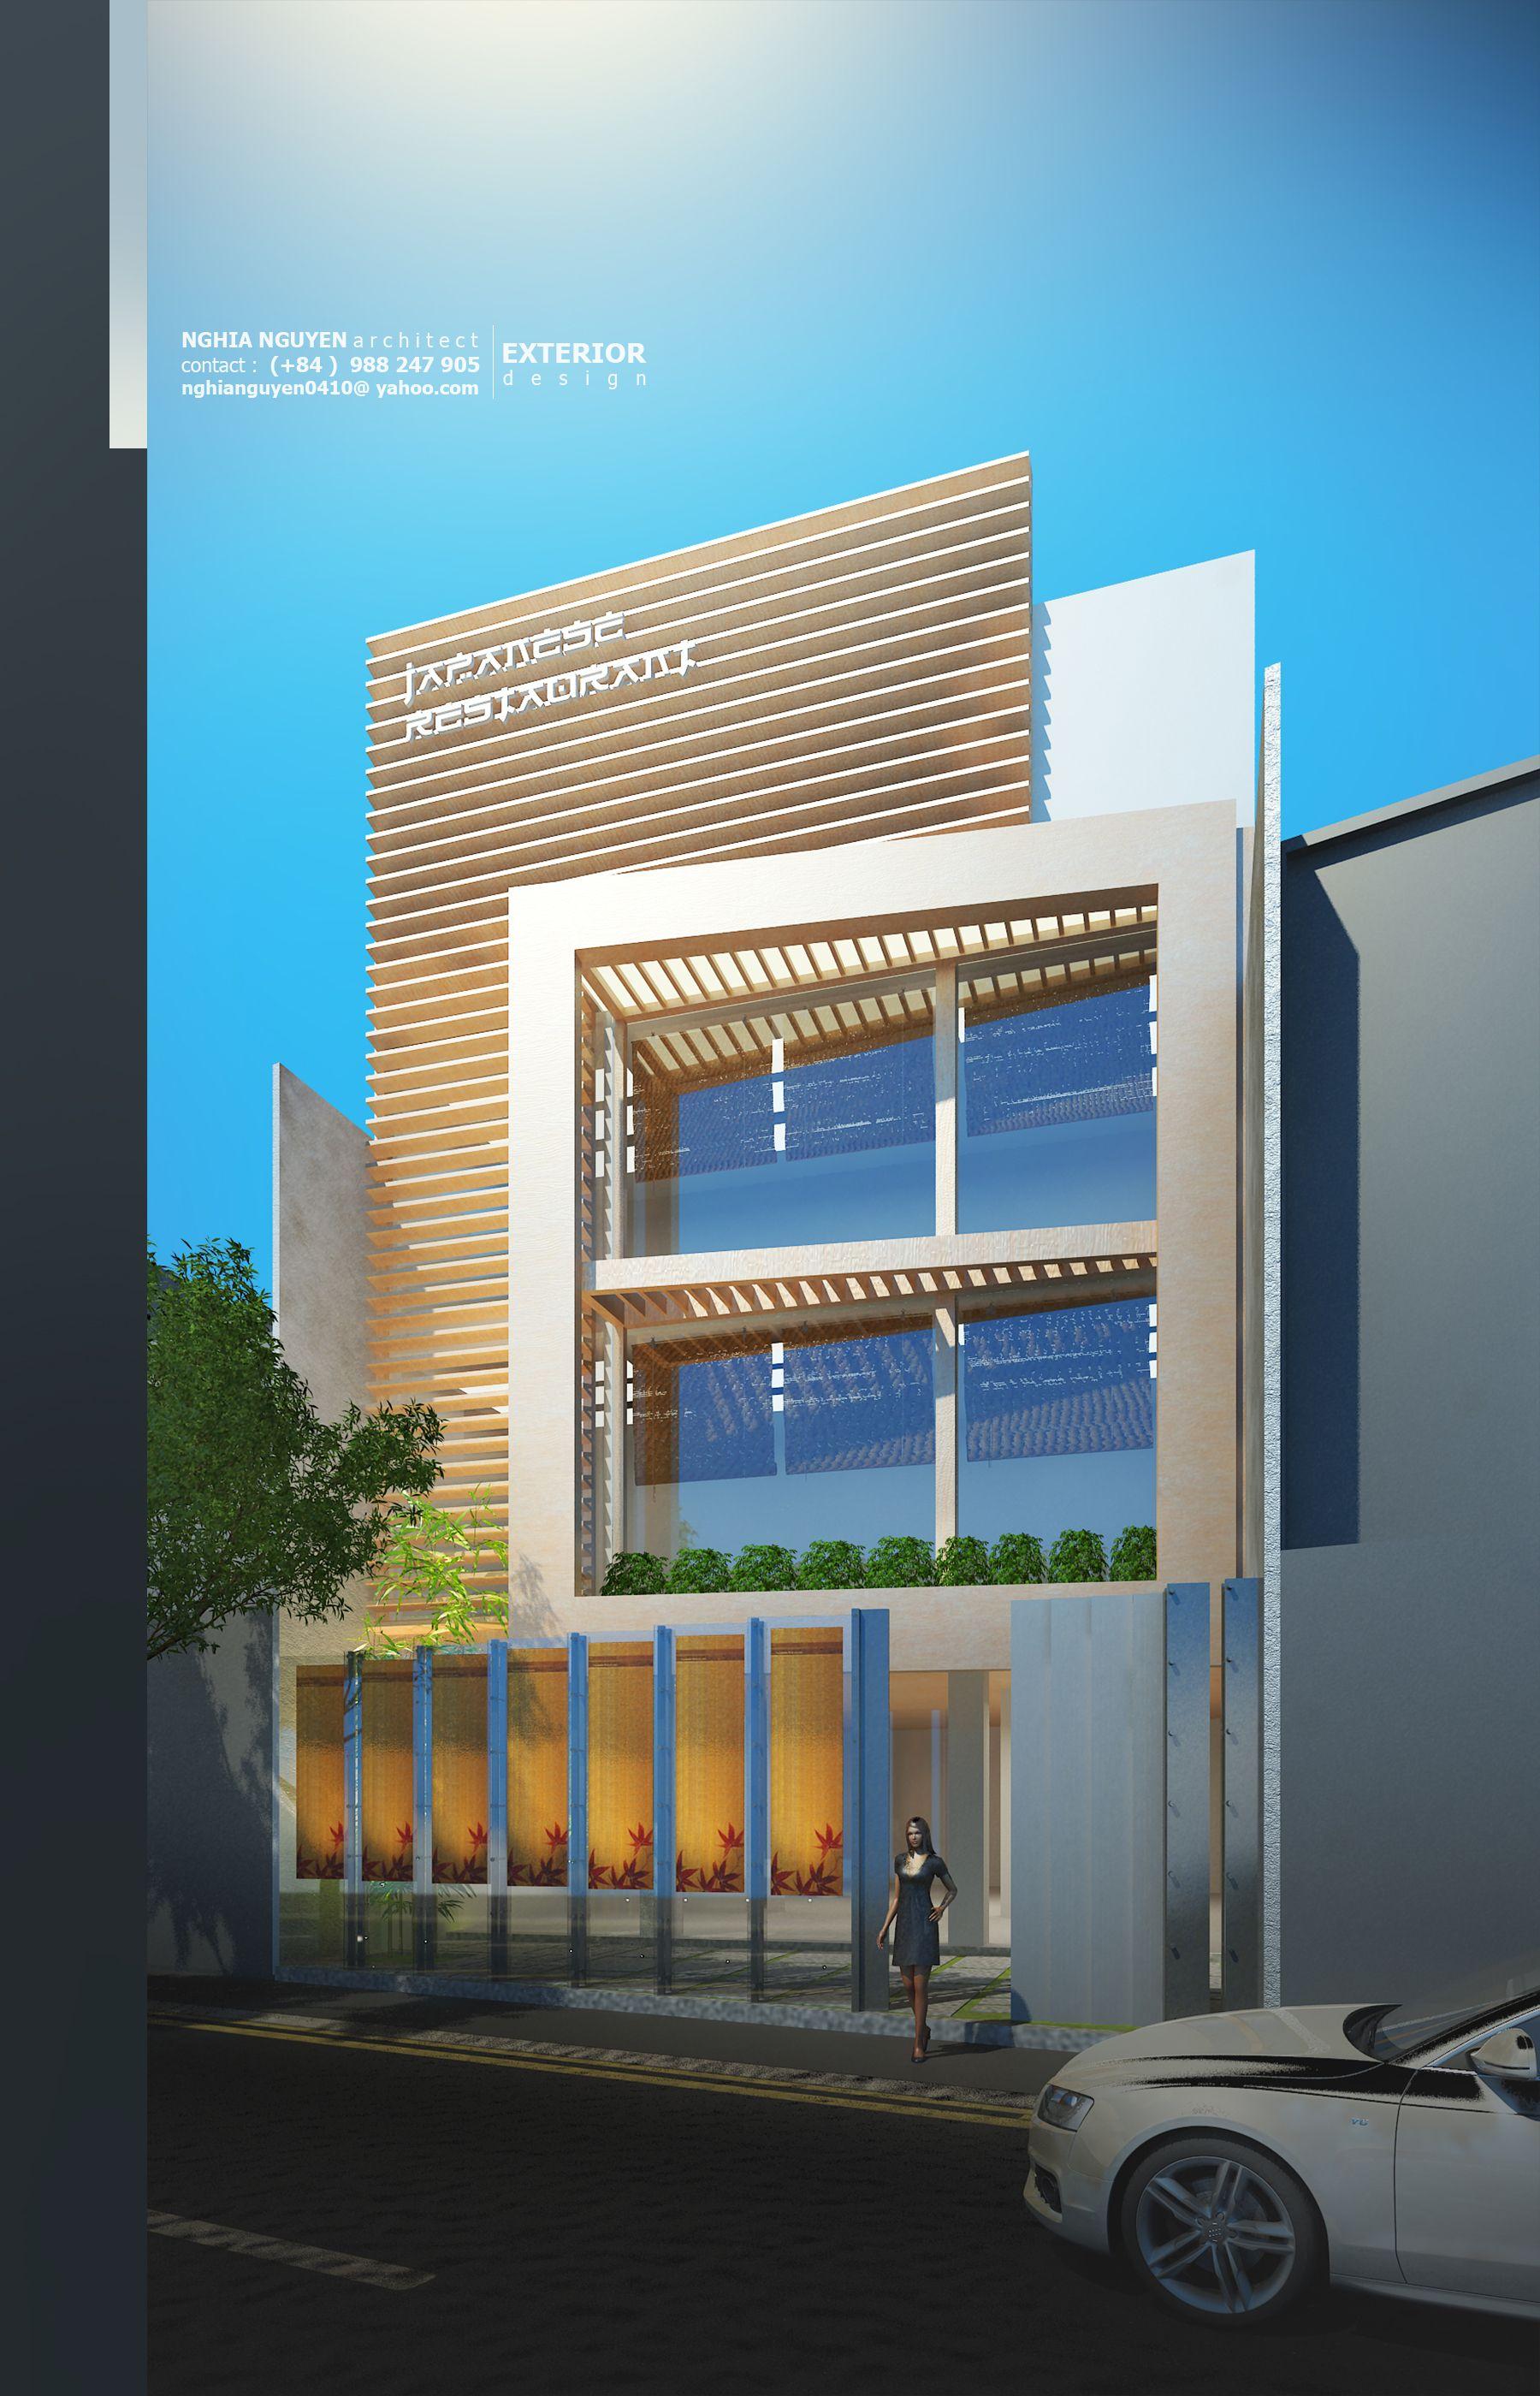 Italian restaurant exterior - Thi T K Nh Ph Bi T Th Architecture Interior Design Construction Restaurant Exterior